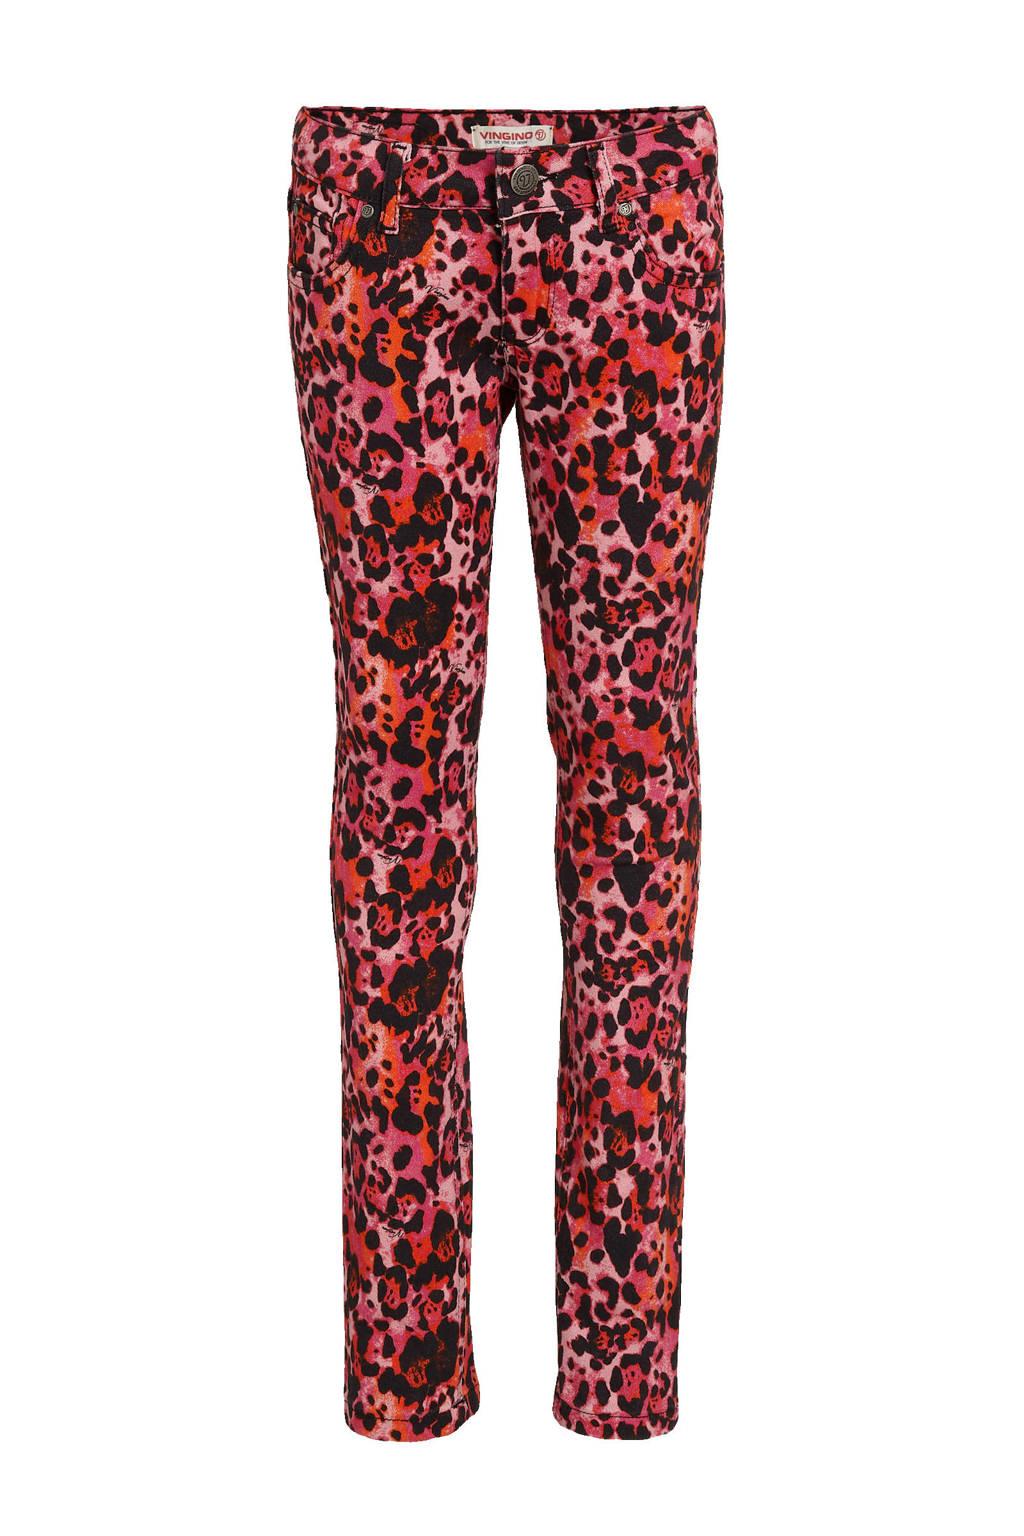 Vingino flared broek Sharlene met all over print roze/zwart, Roze/zwart